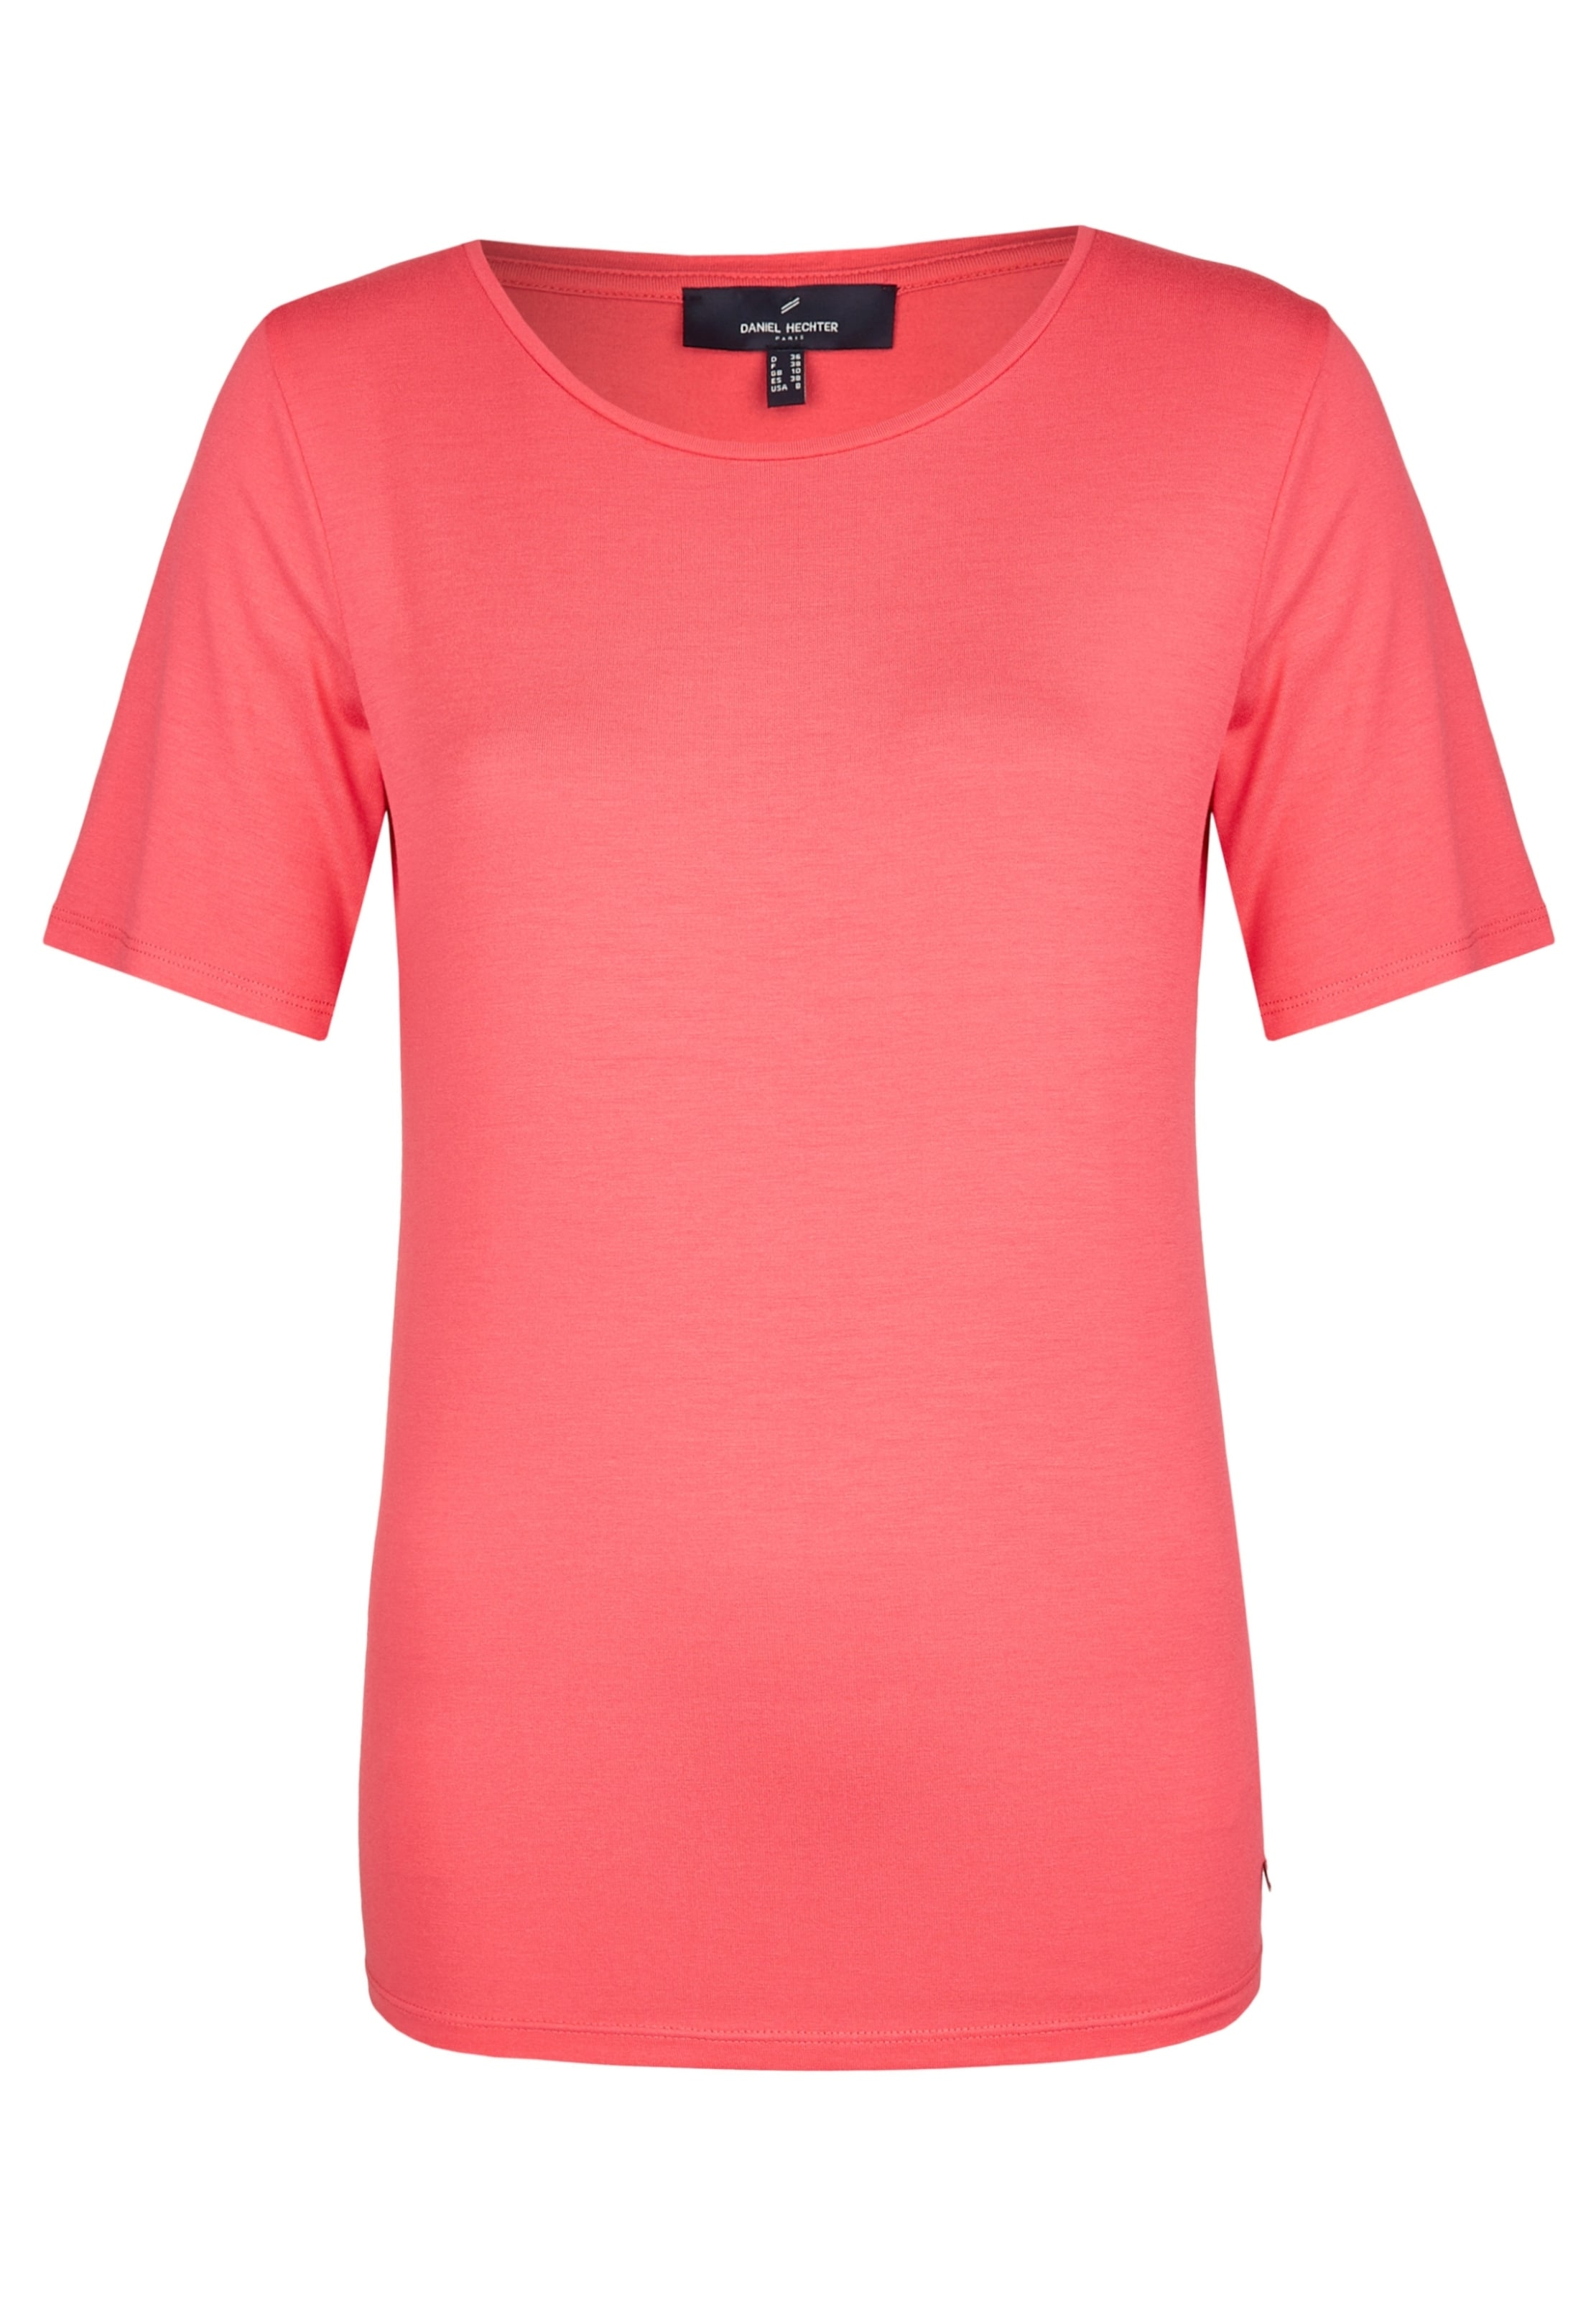 Pitaya In shirt T Hechter Daniel BxQtshrdC